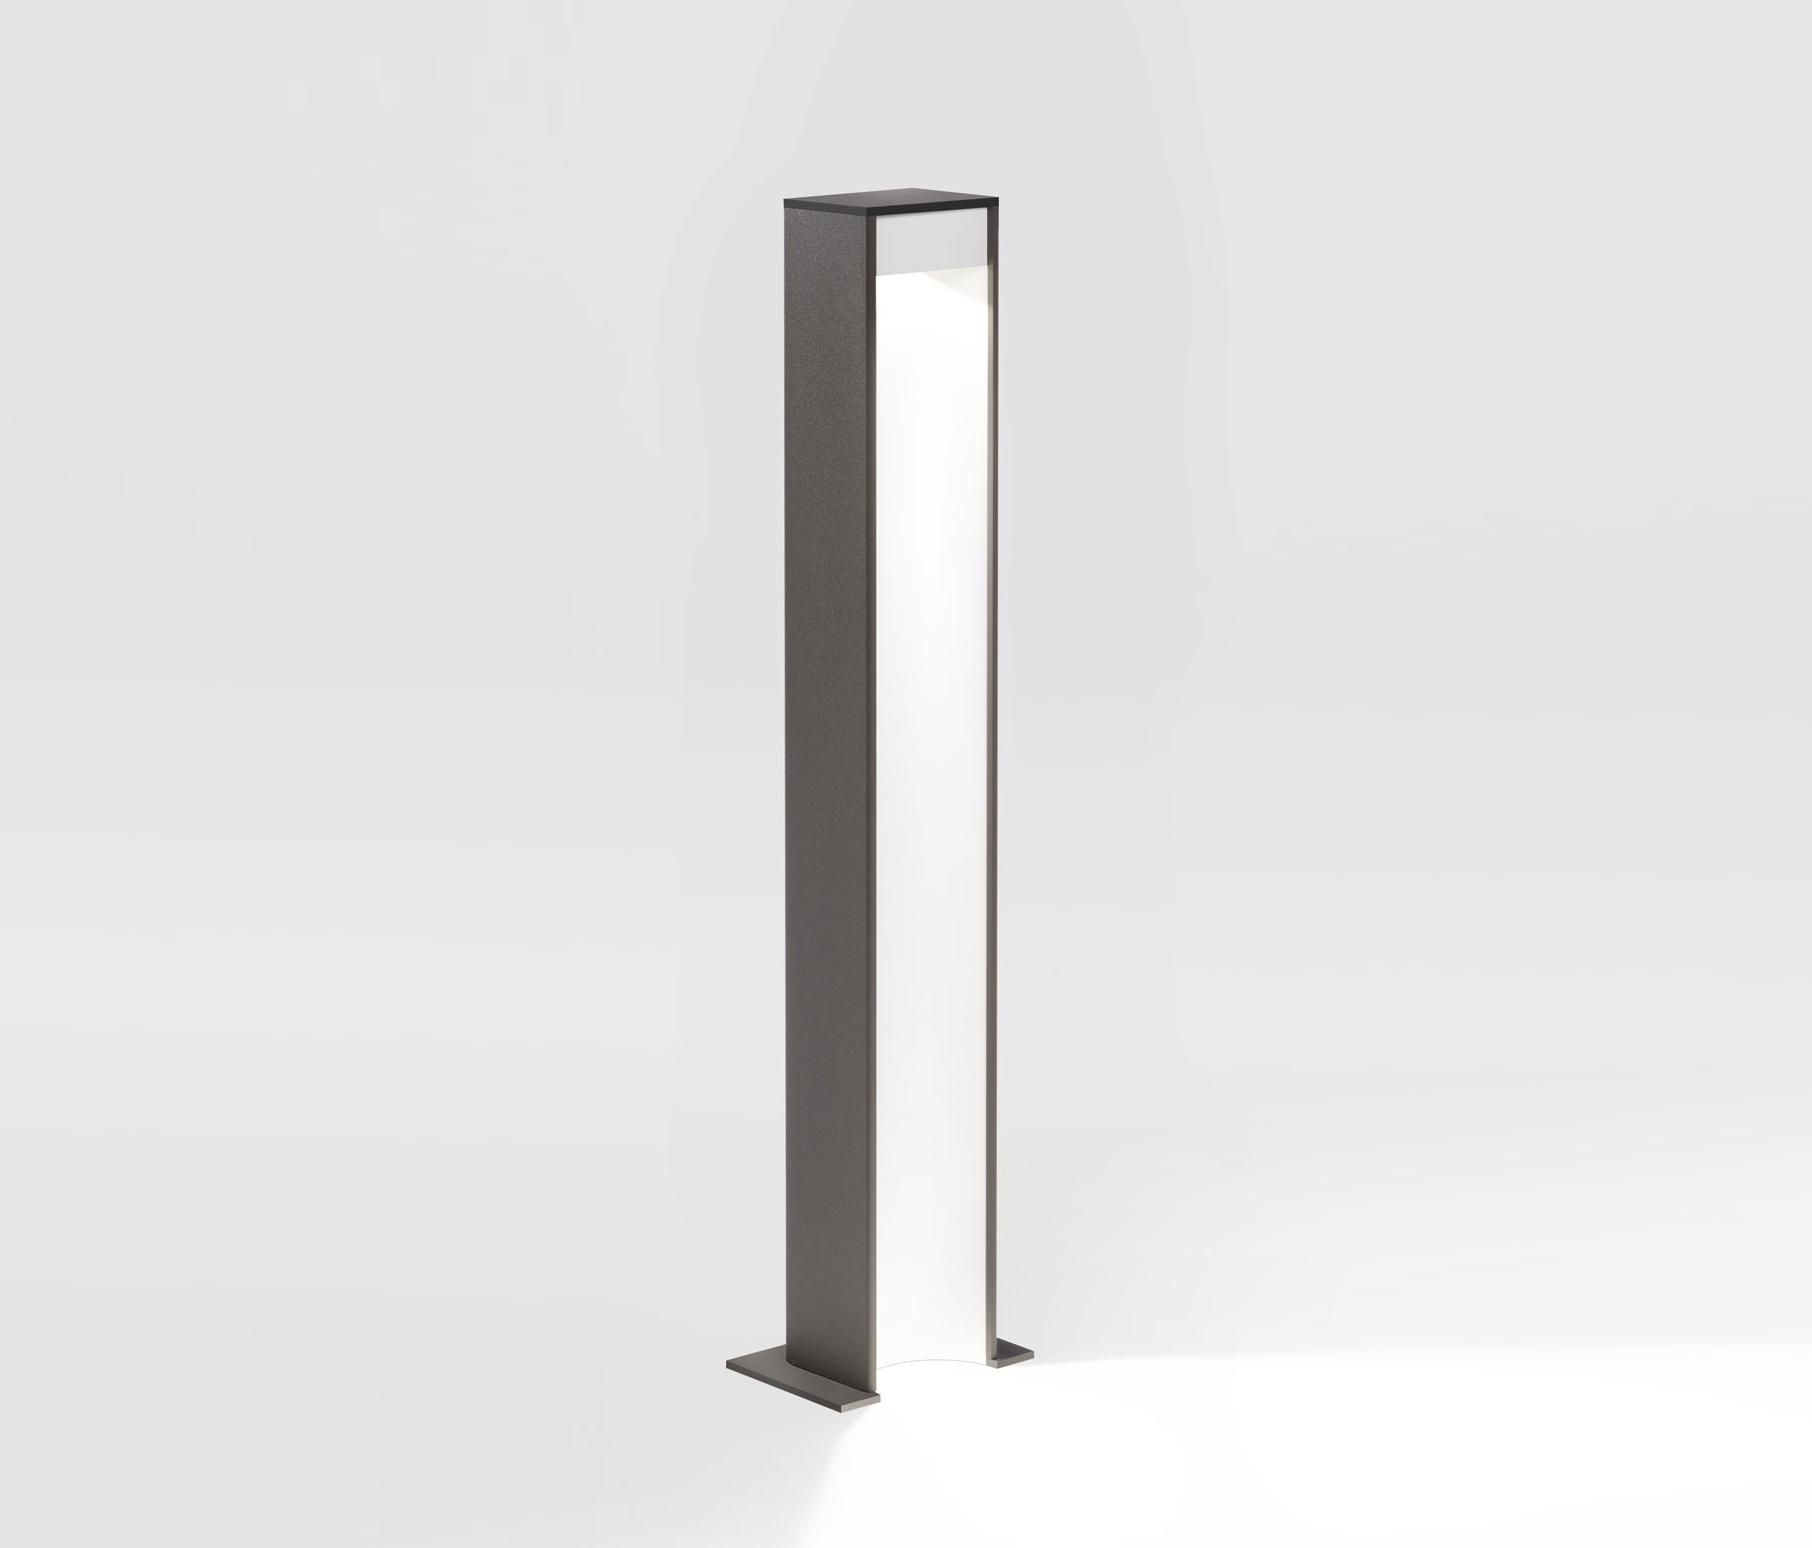 Aula Lámpara de pie Exterior 60cm LED 6.2W Gris marrón-Blanco